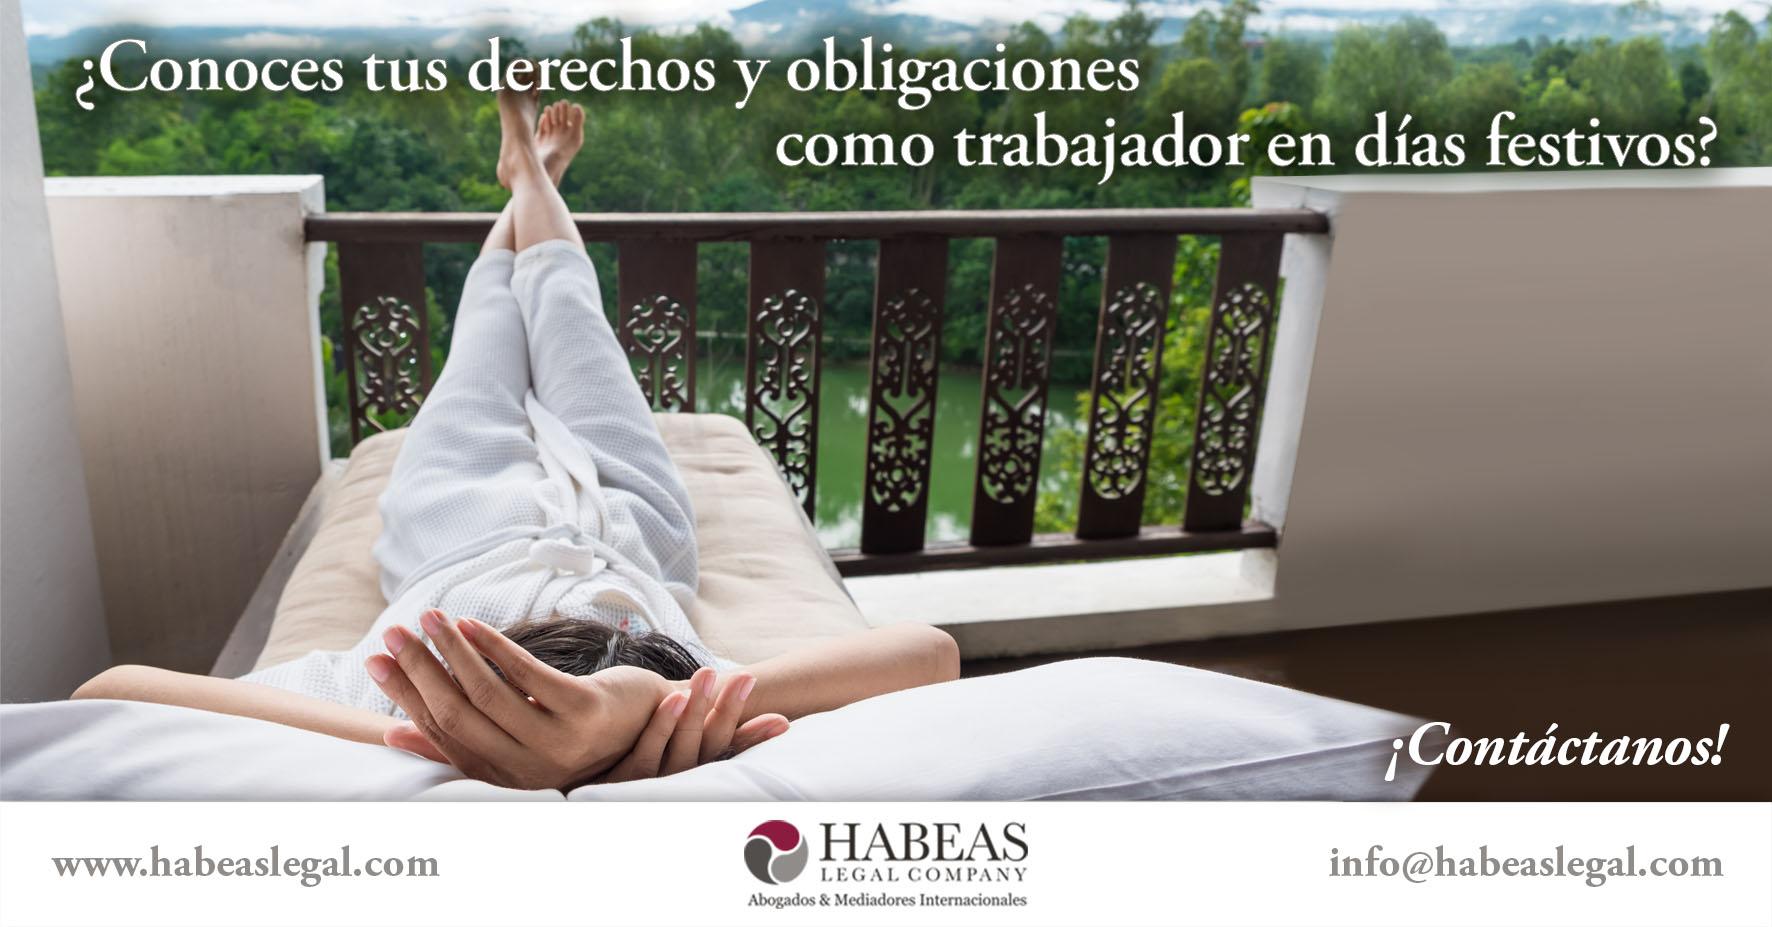 Derechos Obligaciones Trabajador Días festivos Habeas Legal - Blog